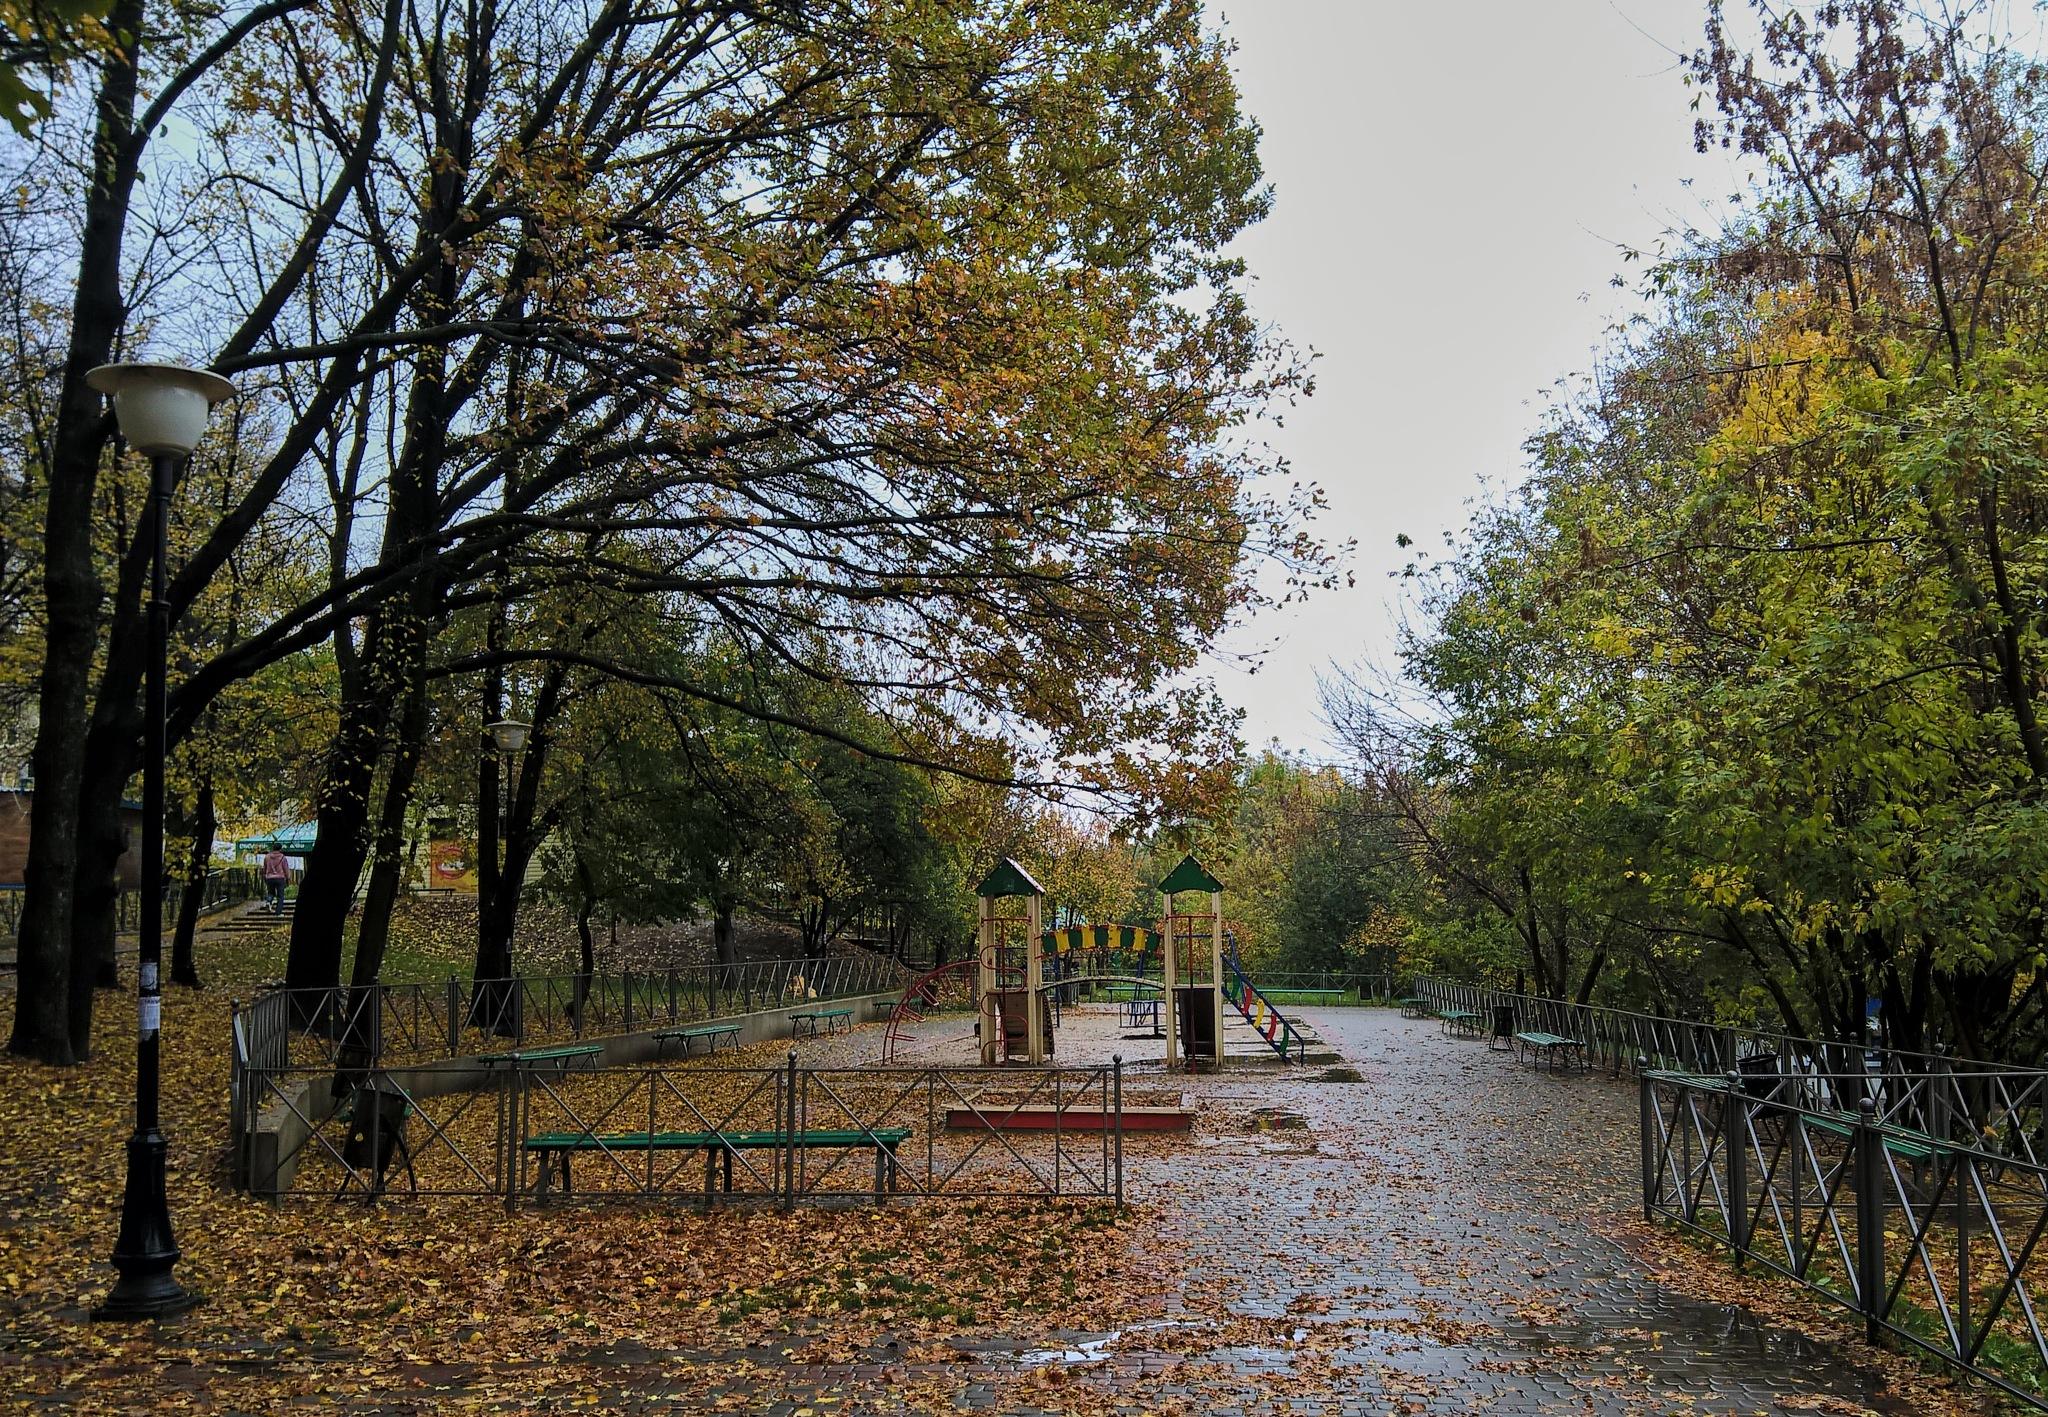 rainy day by Evgeniy L